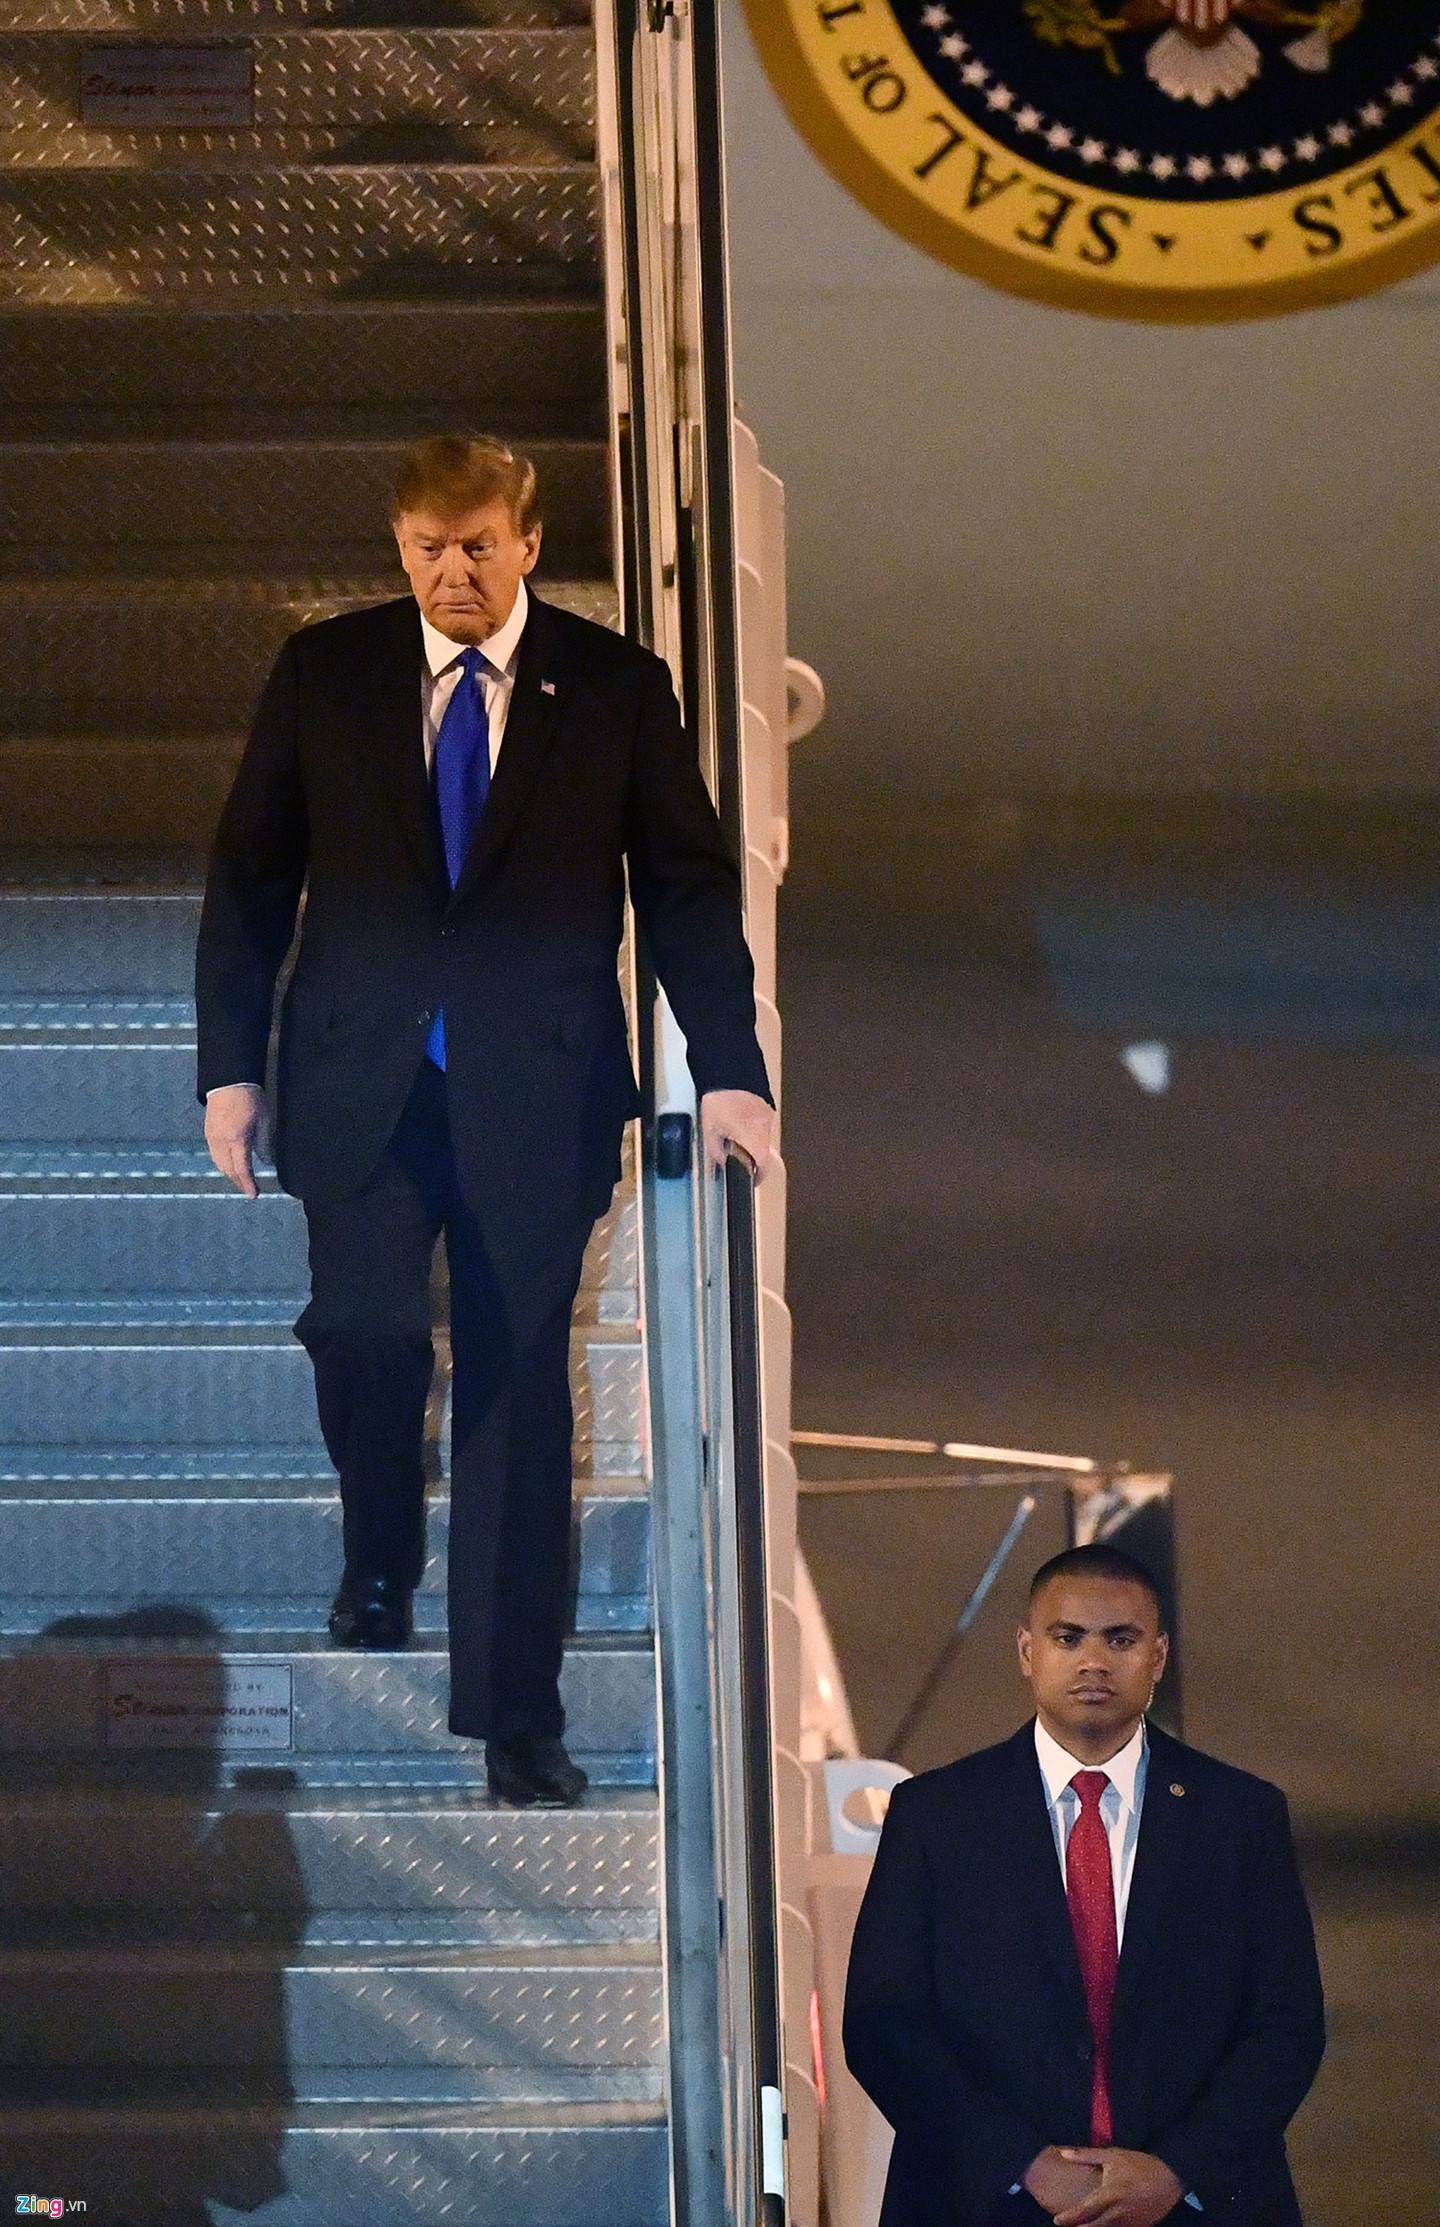 Phát ngôn viên Nhà Trắng Sarah Sanders cho biết Tổng thống Trump và nhà lãnh đạo Triều Tiên Kim Jong Un sẽ gặp có cuộc gặp mặt ngắn trước khi ăn bữa tối xã giao cùng hai quan chức khác vào tối 27/2. Lịch trình cho ngày thứ hai của hội nghị thượng đỉnh chưa được công bố.